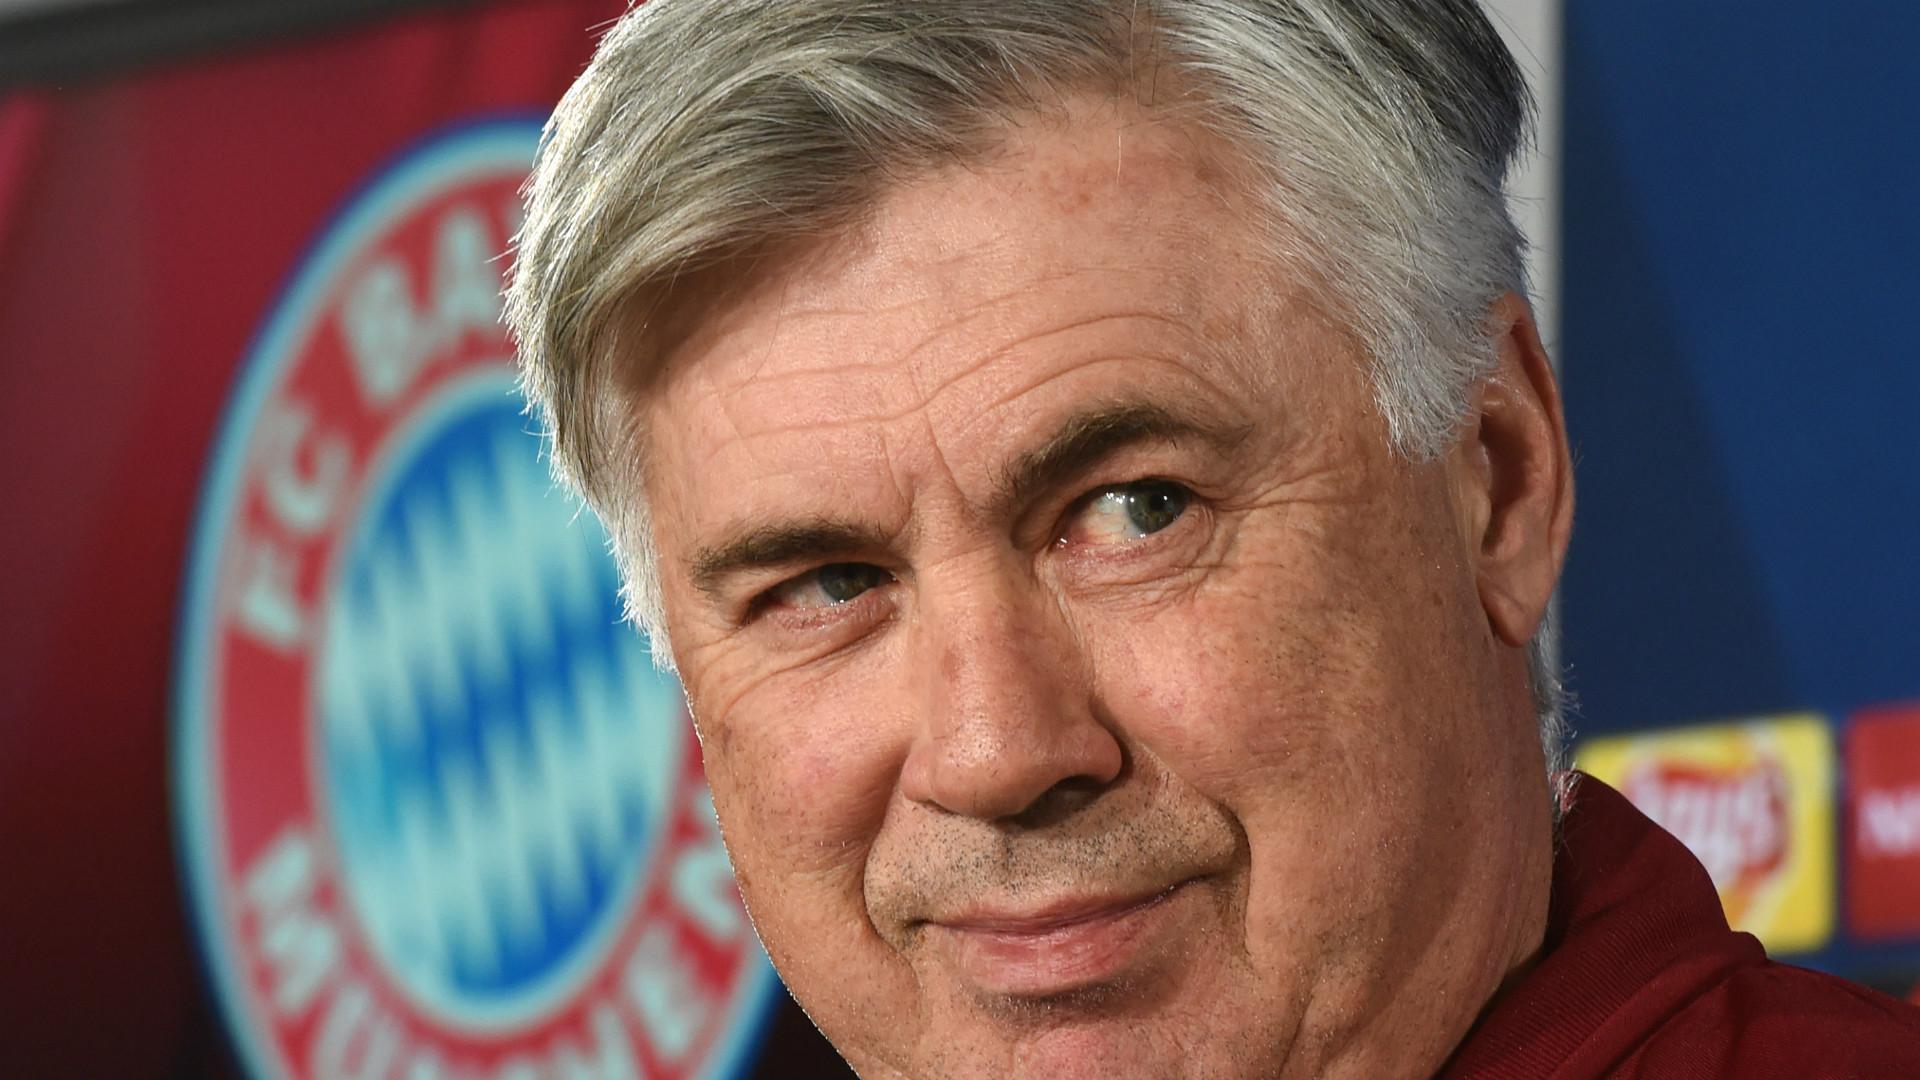 HD Carlo Ancelotti Bayern Munich